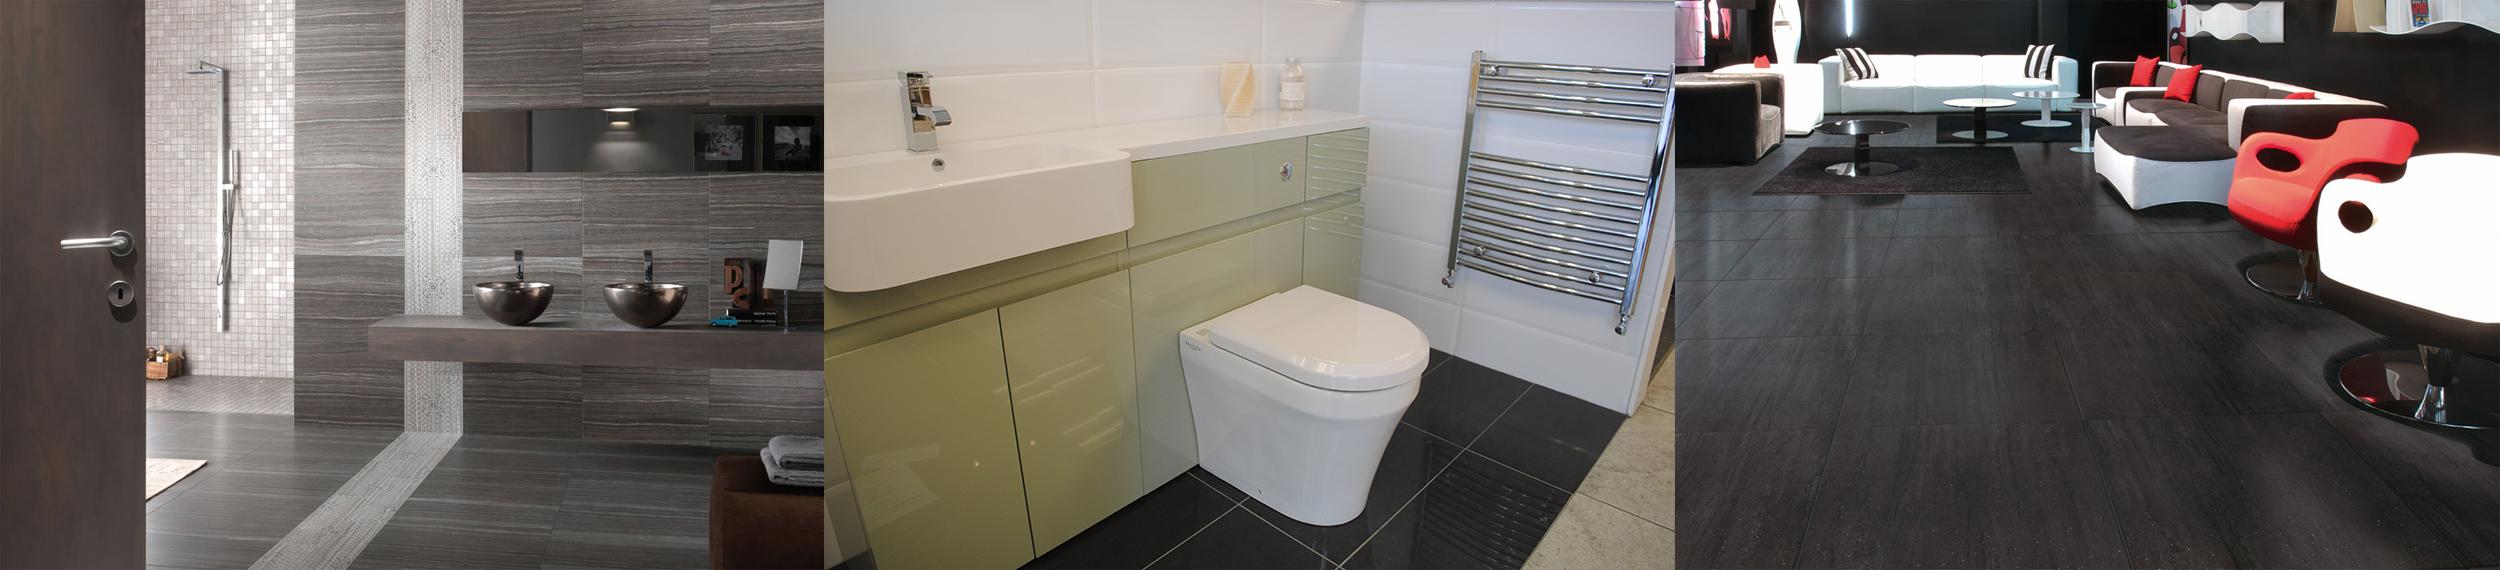 Premier bathroom in Keynes